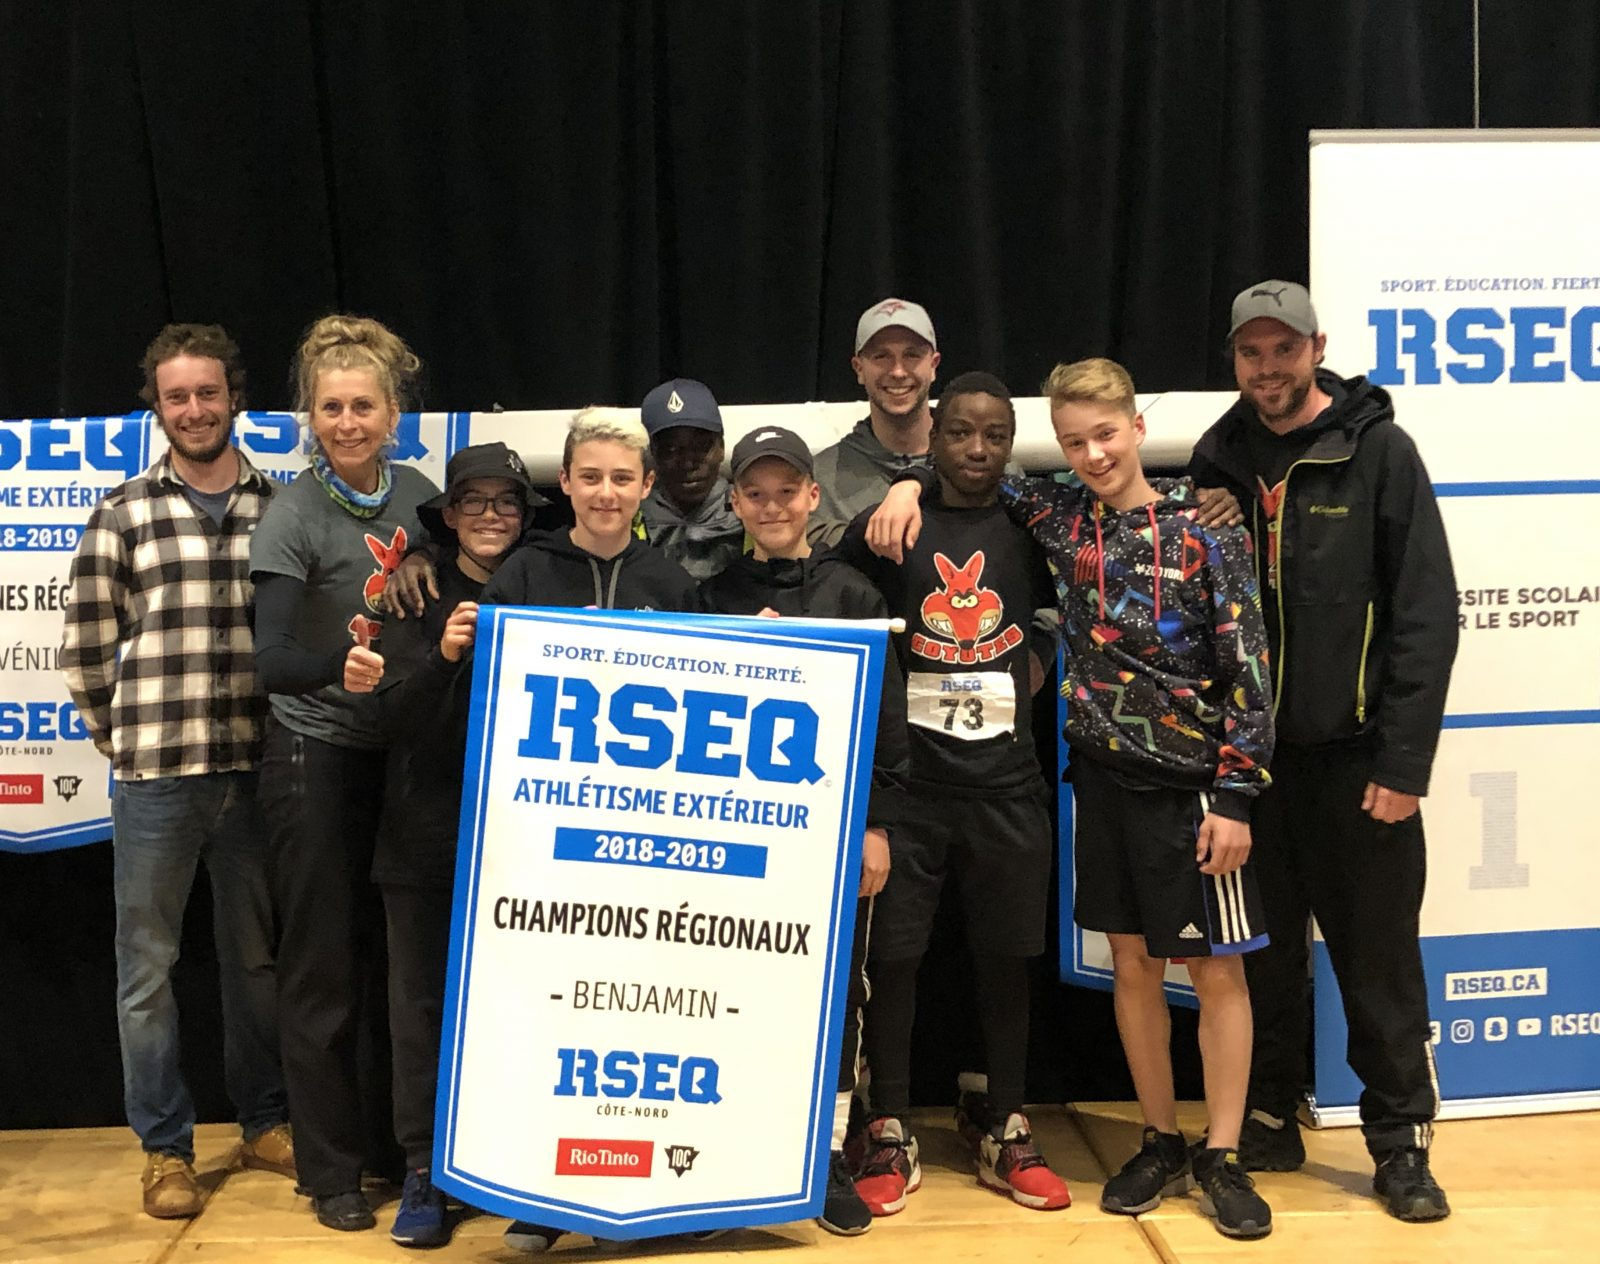 Le CEL'A et la Commission scolaire du Littoral récoltent des bannières en athlétisme